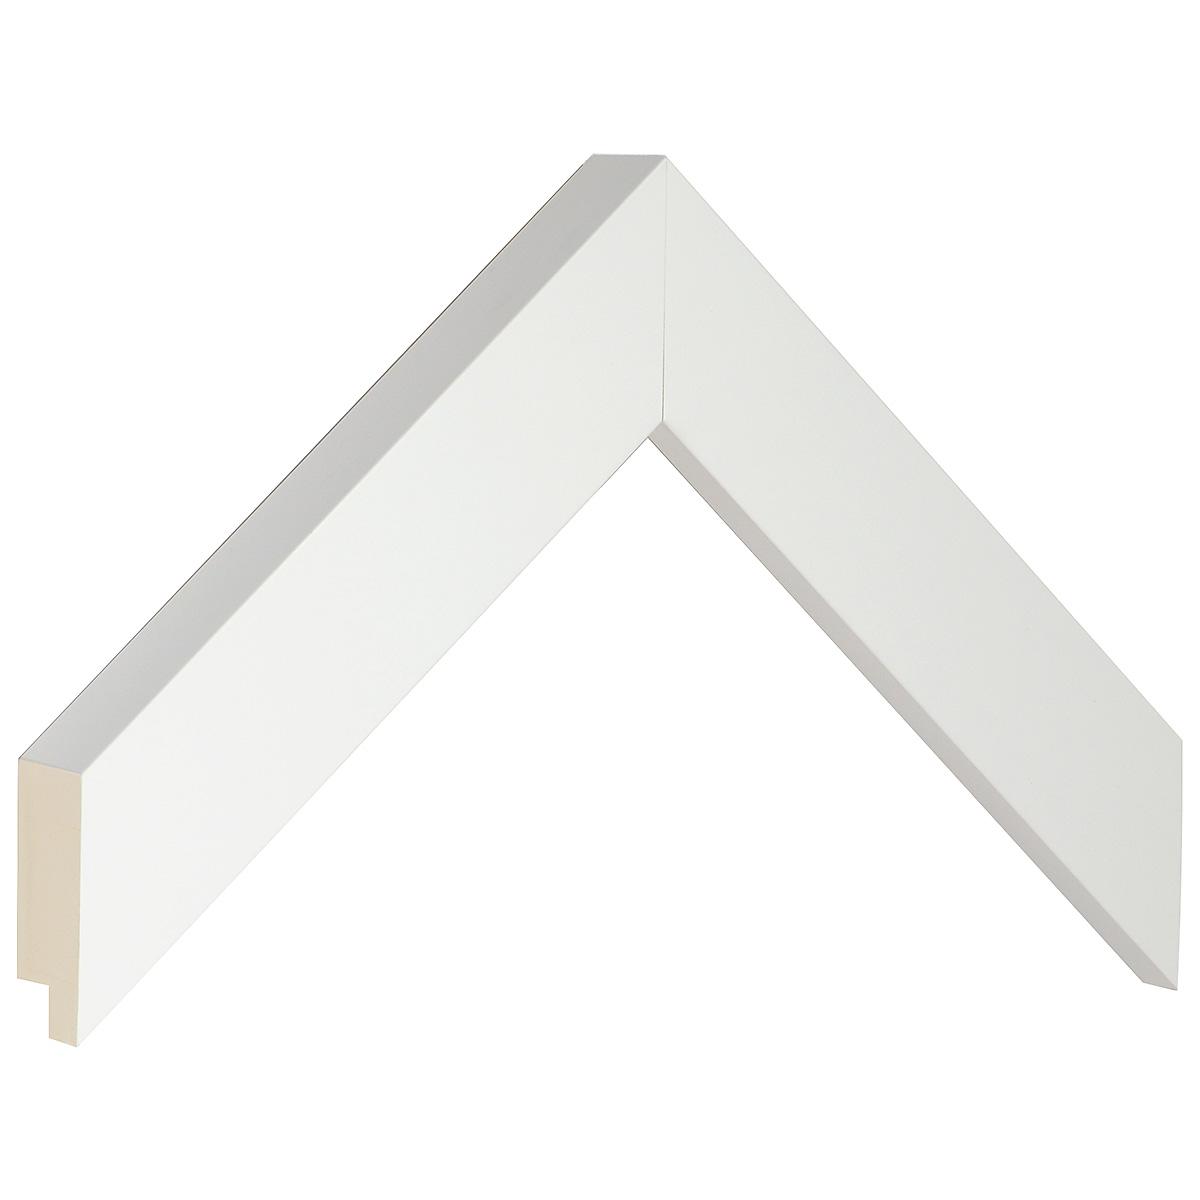 Moulding finger joint pine width 34mm height 34 - matt white